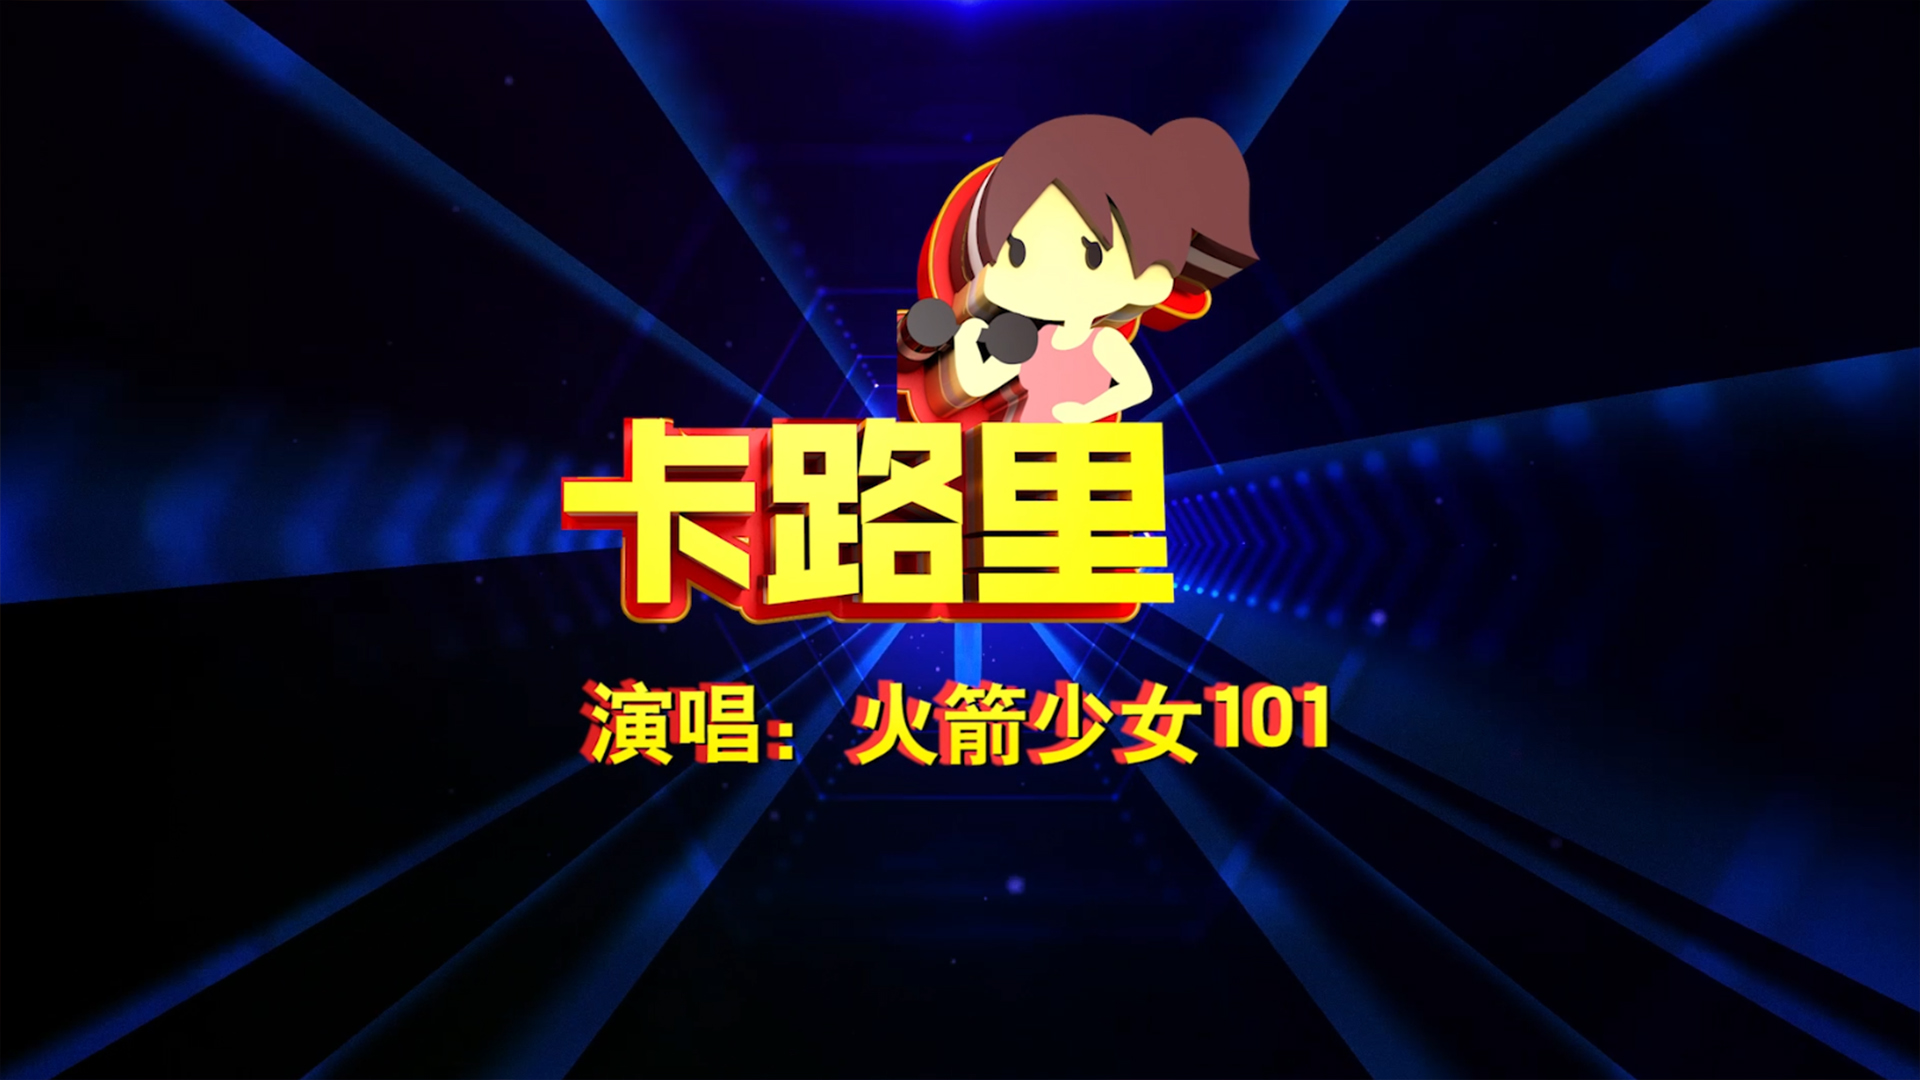 《卡路里》火箭少女101歌曲配乐字幕版